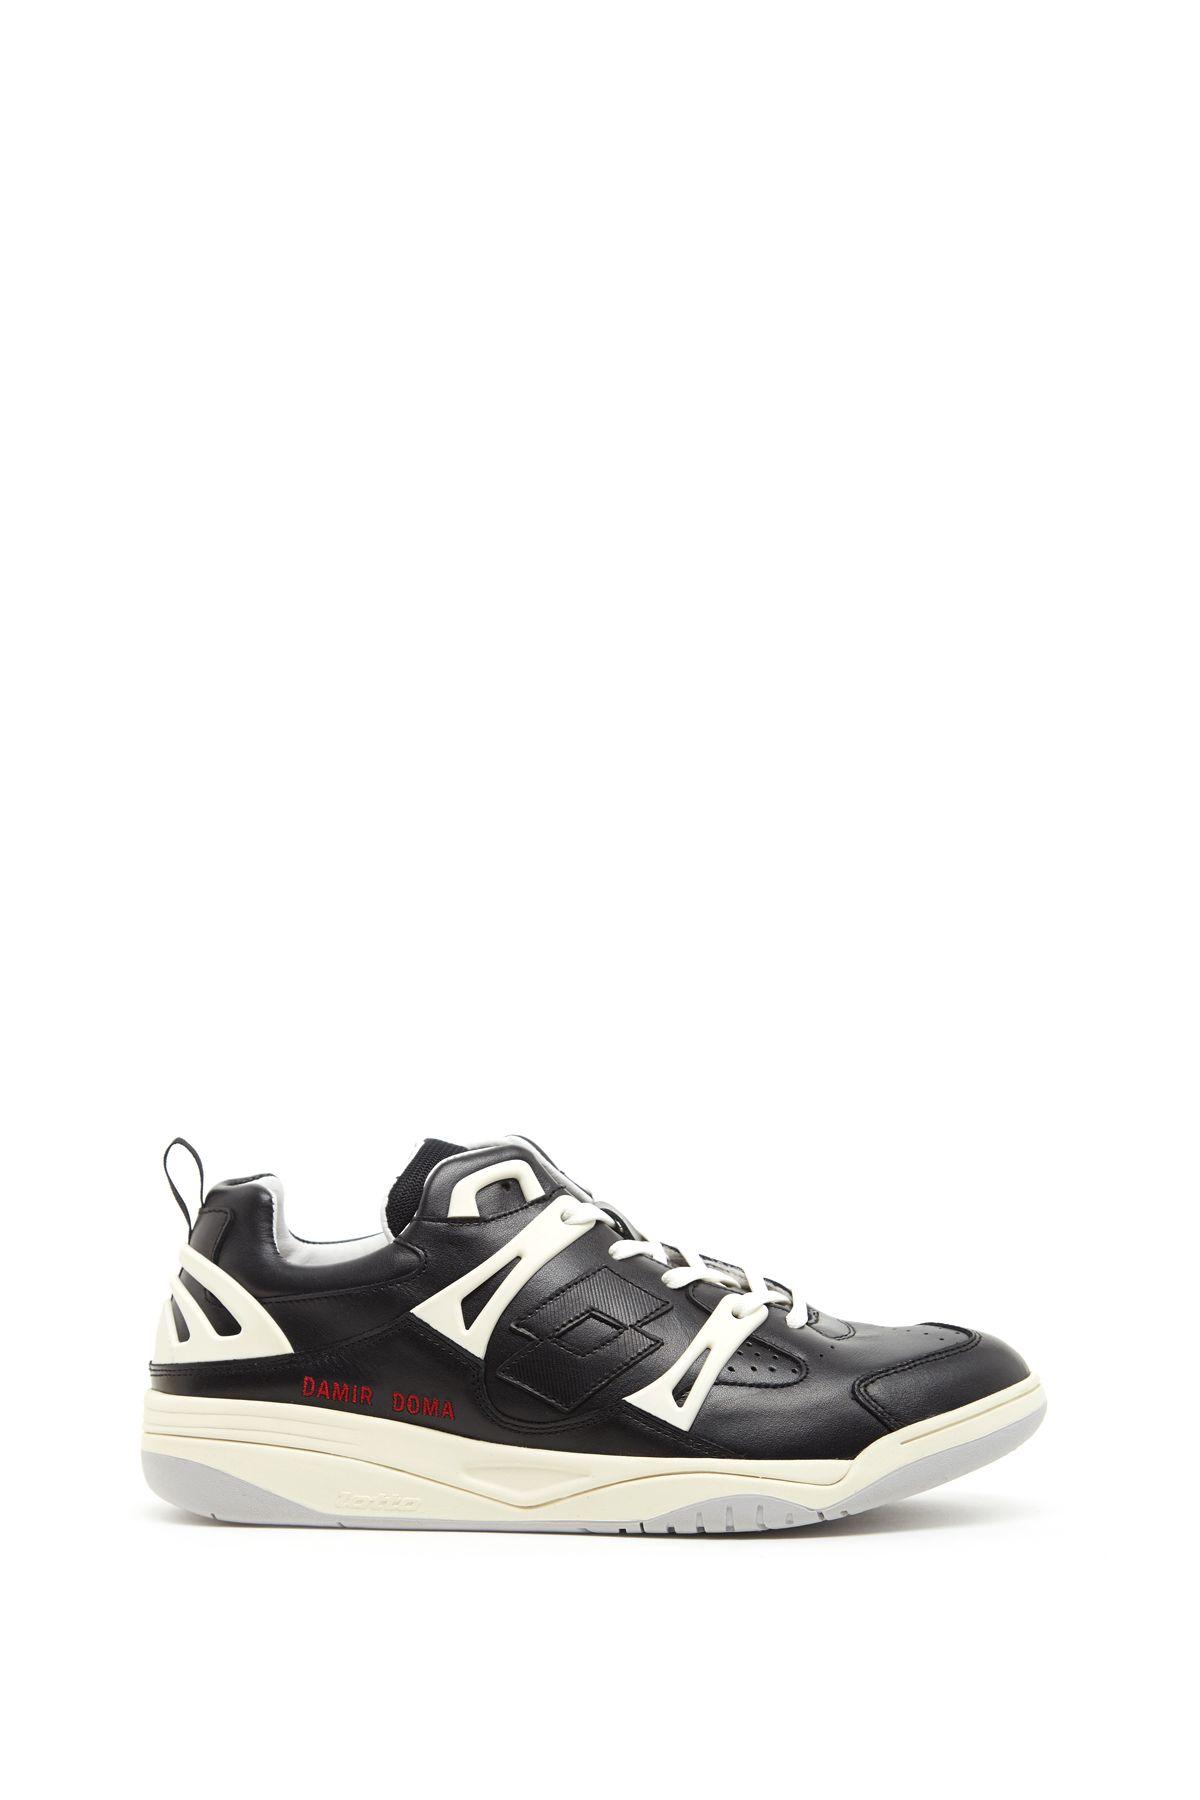 Damir Doma / Lotto Flor L Shoes